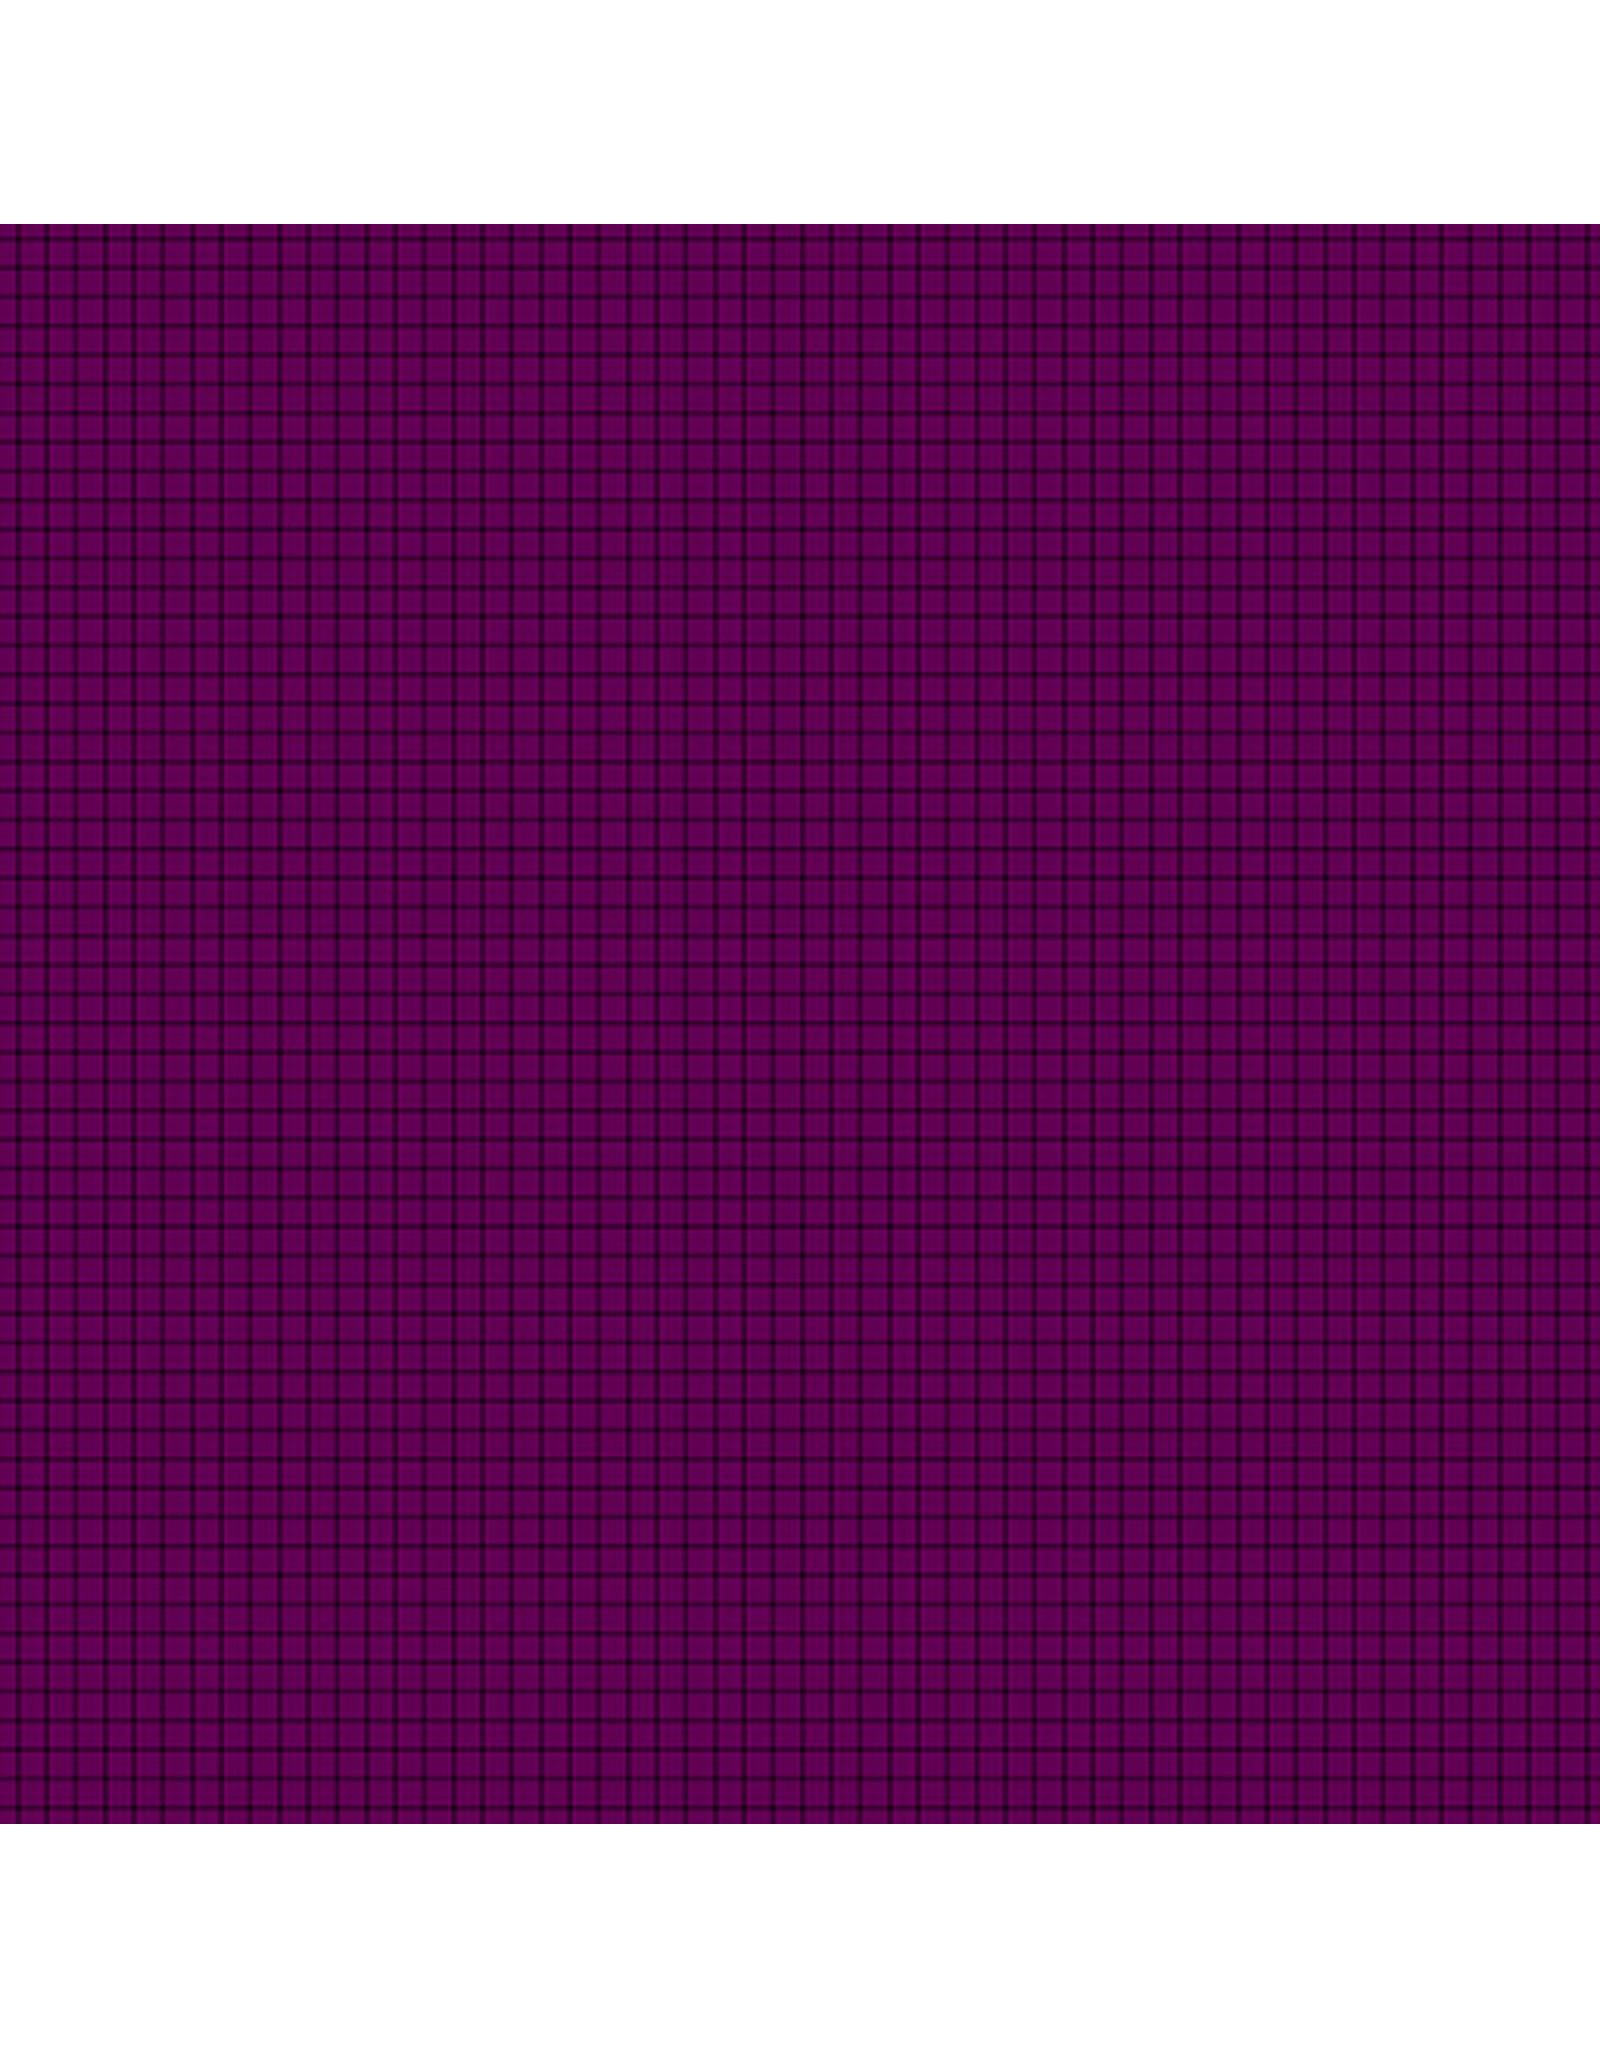 Contempo Gridwork - Square Grid Grape